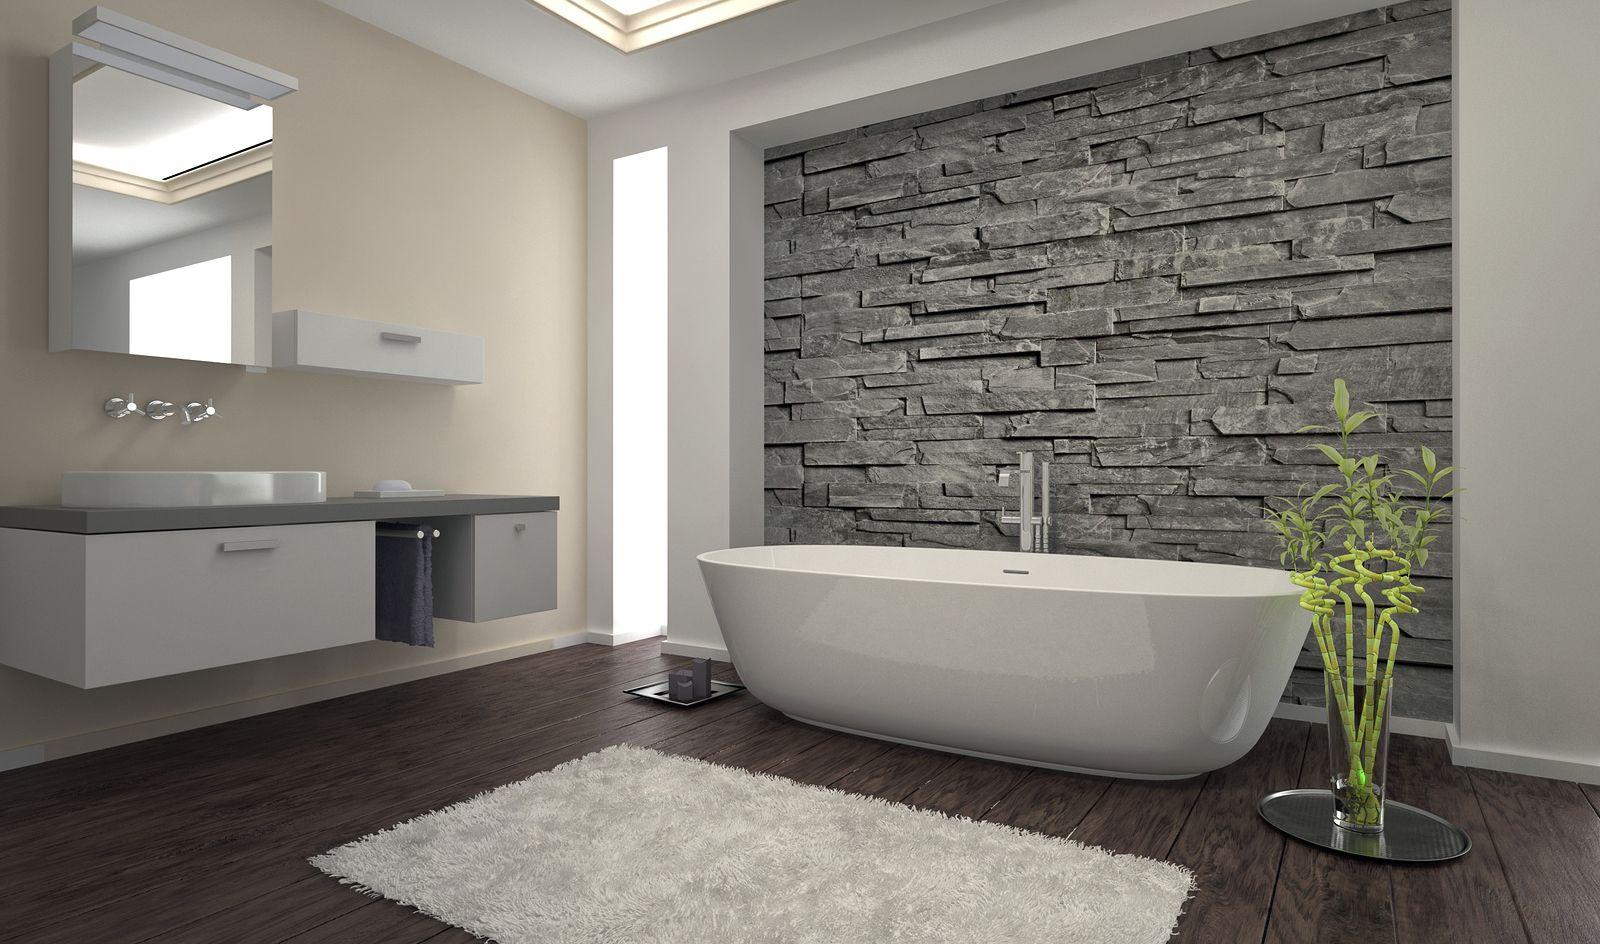 Bathroom designs 2016 Online Bathroom Design